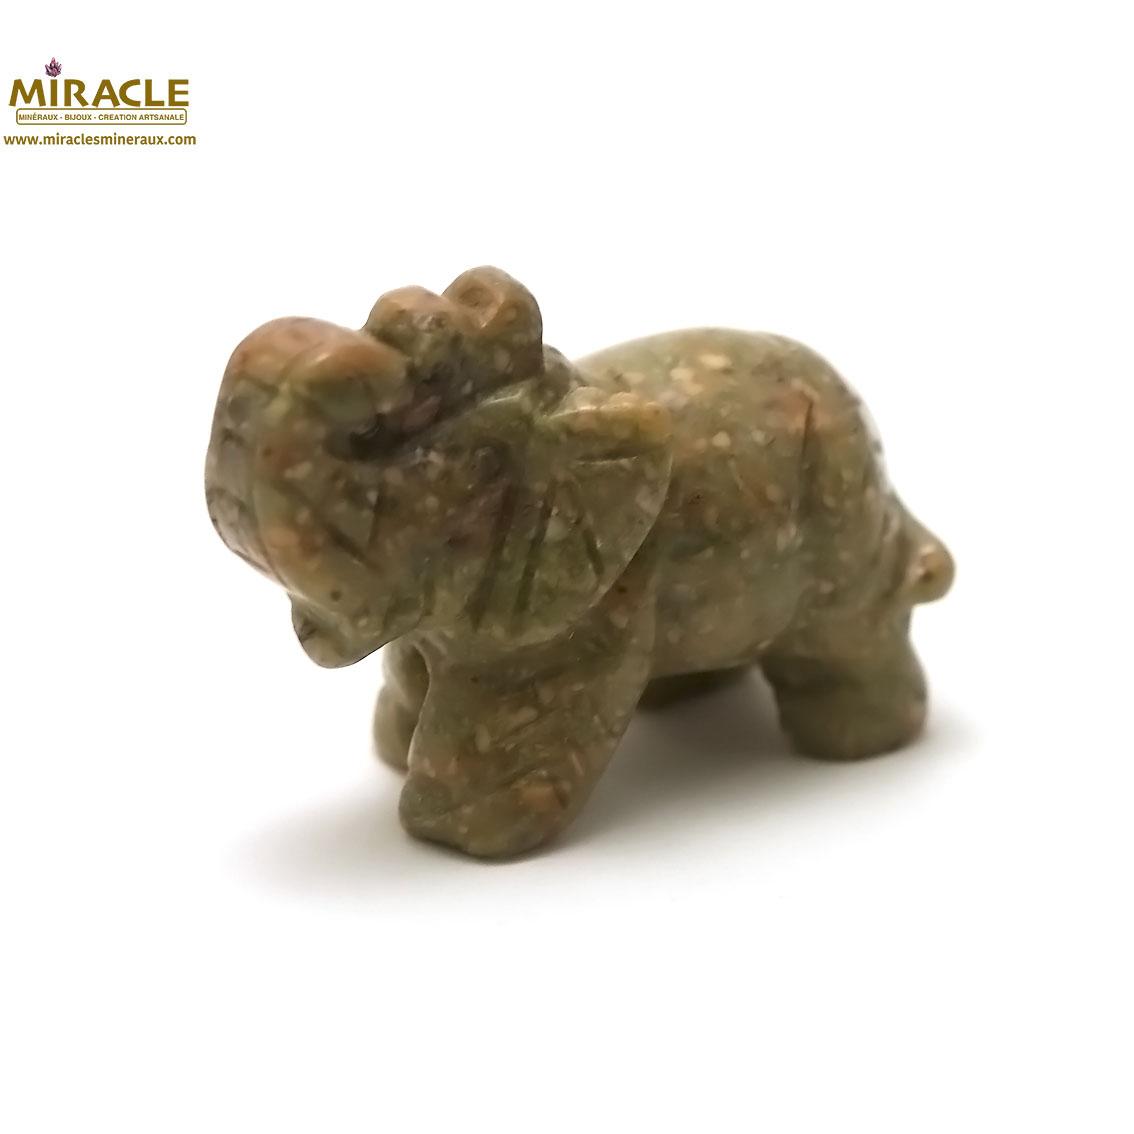 Magnifique statuette éléphant en pierre naturelle d\'unakite